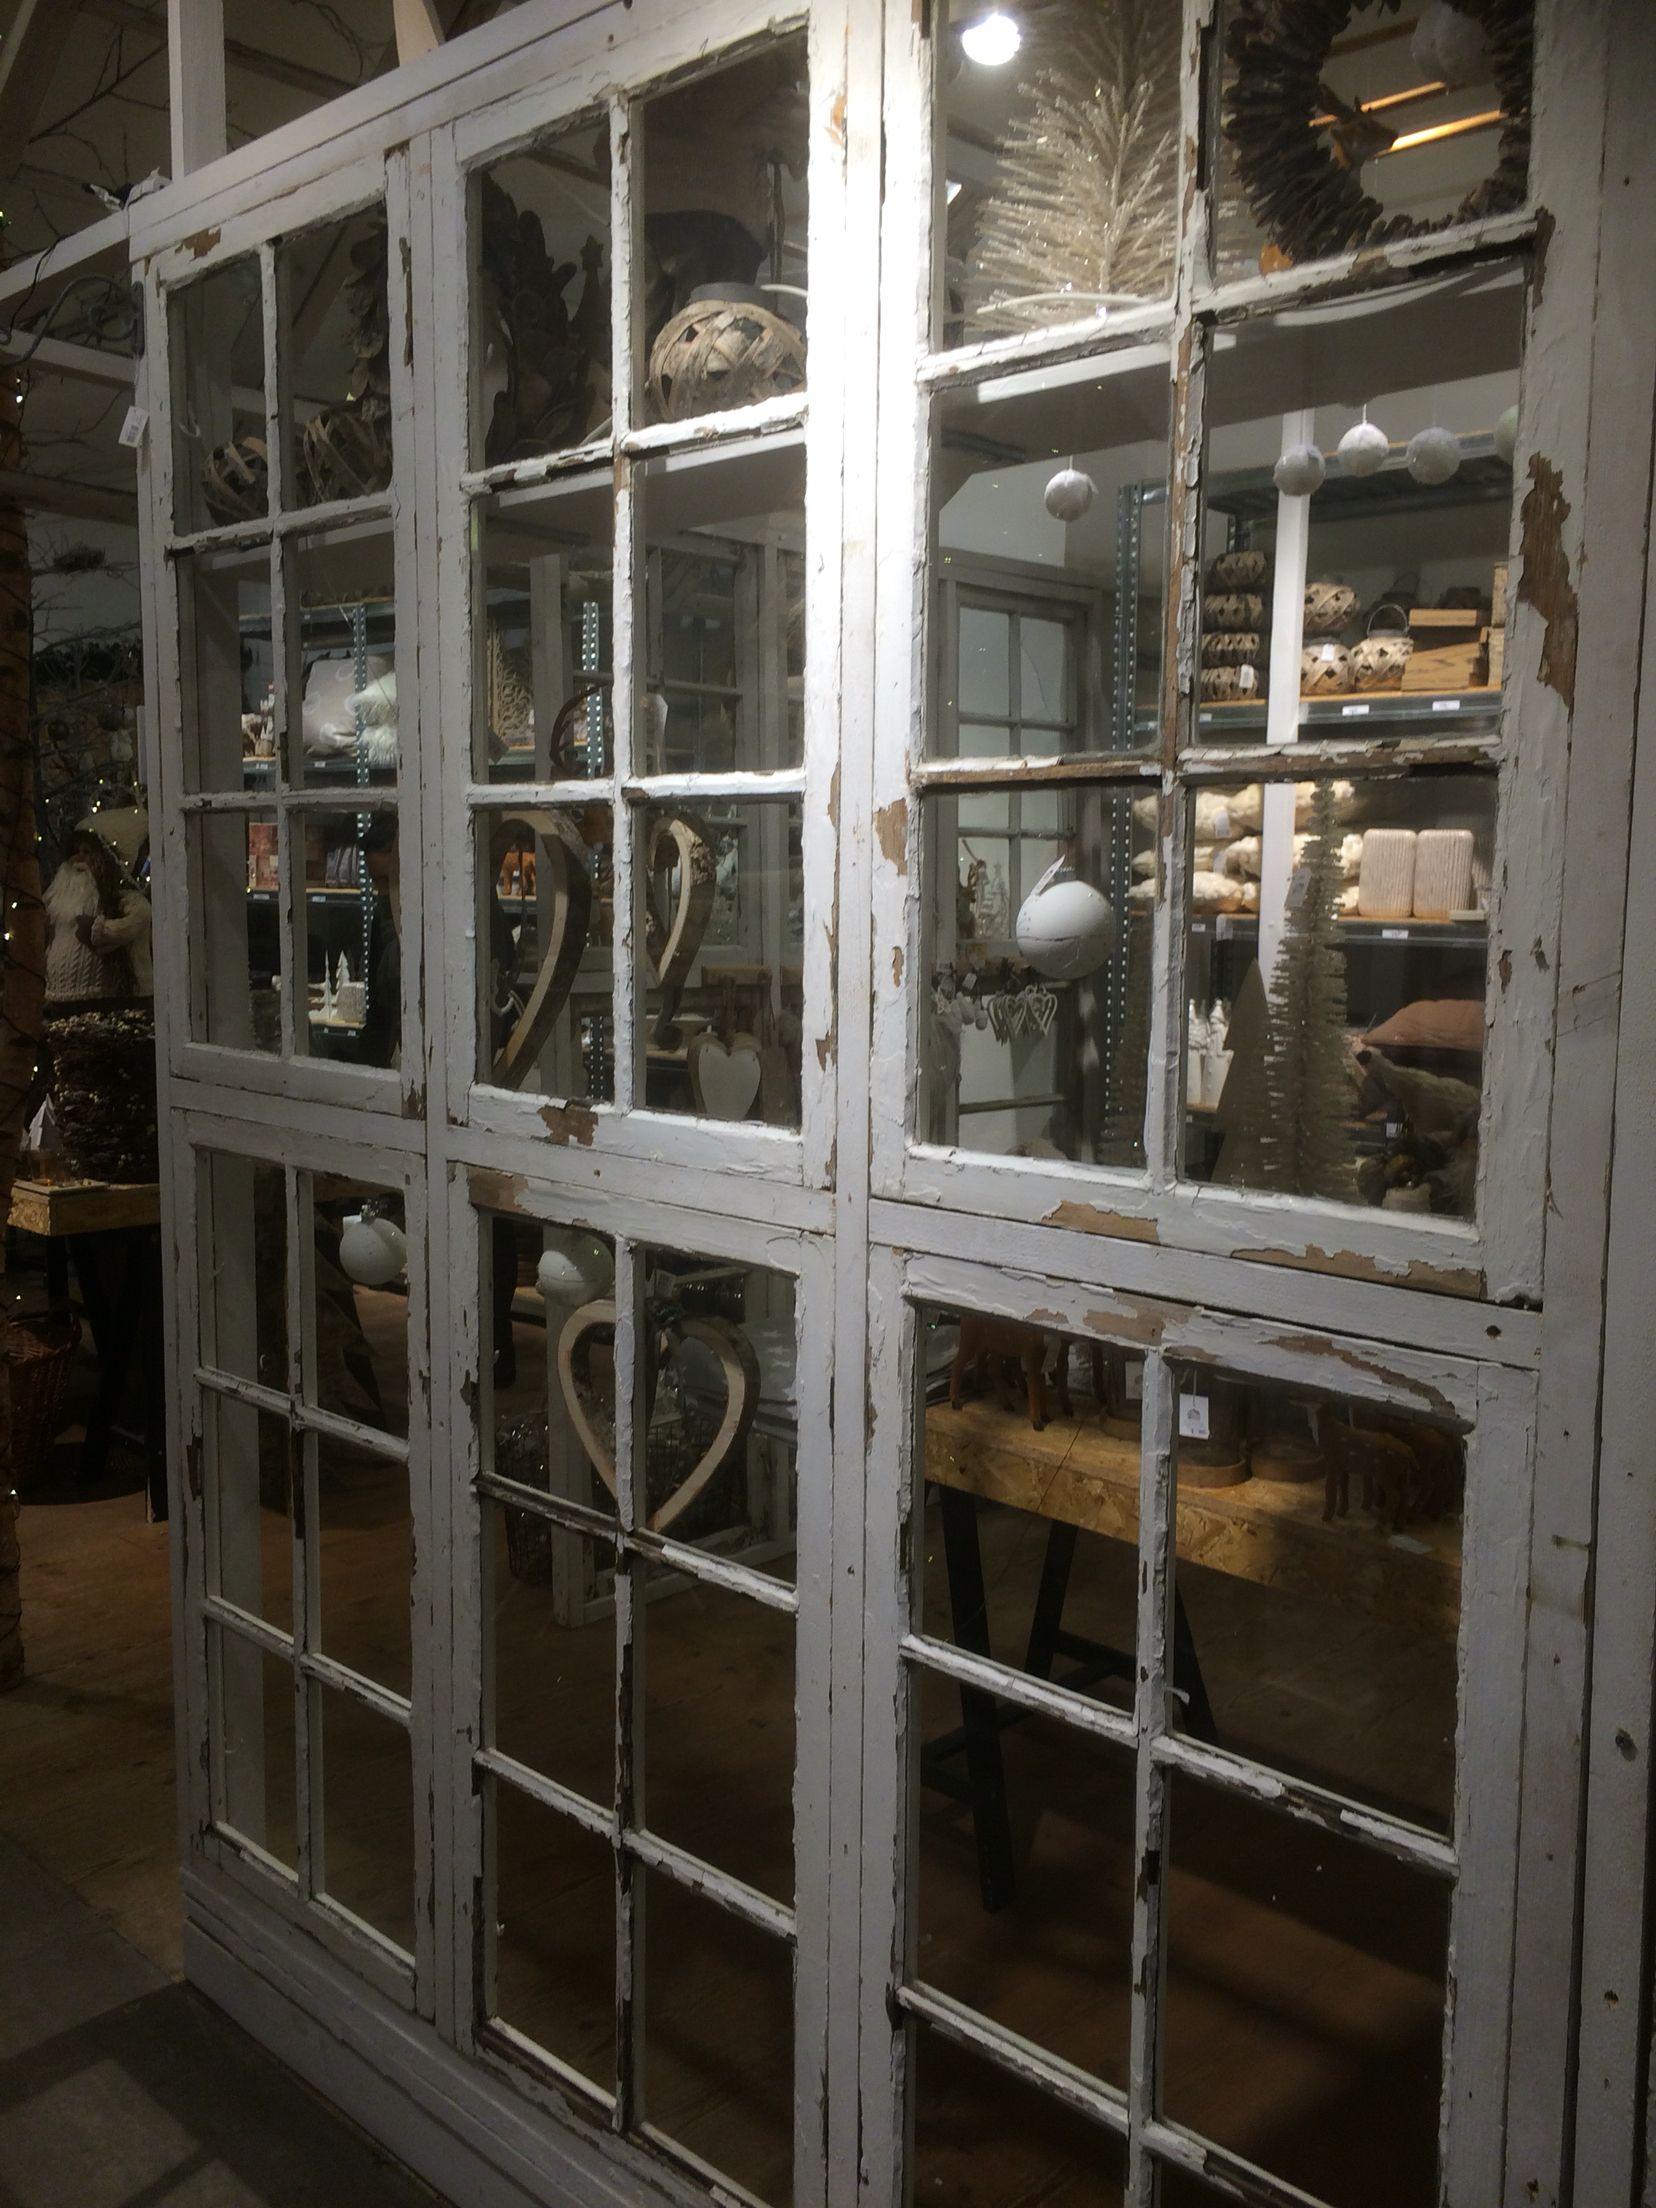 V g af gamle vinduer sommerresidens pinterest gamle for Case modulari mediterranee